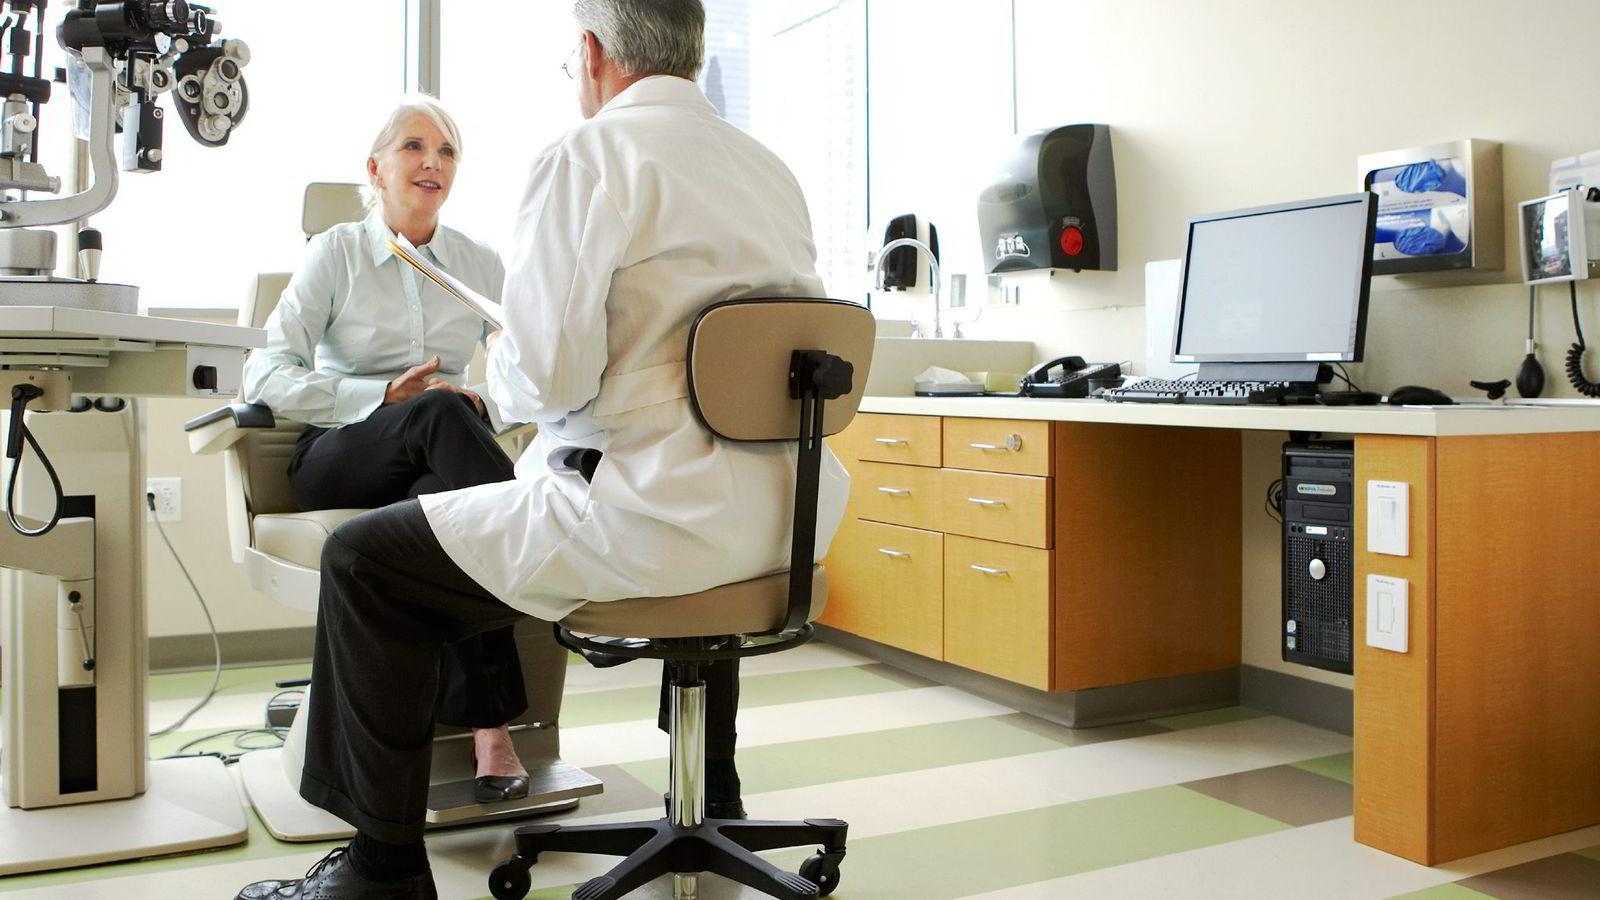 Om markedet gjør at legen blir mer tilgjengelig og mer serviceinnstilt, er det da utenkelig at han i møtet med kravstore pasienter også gir dem «det de vil ha»?